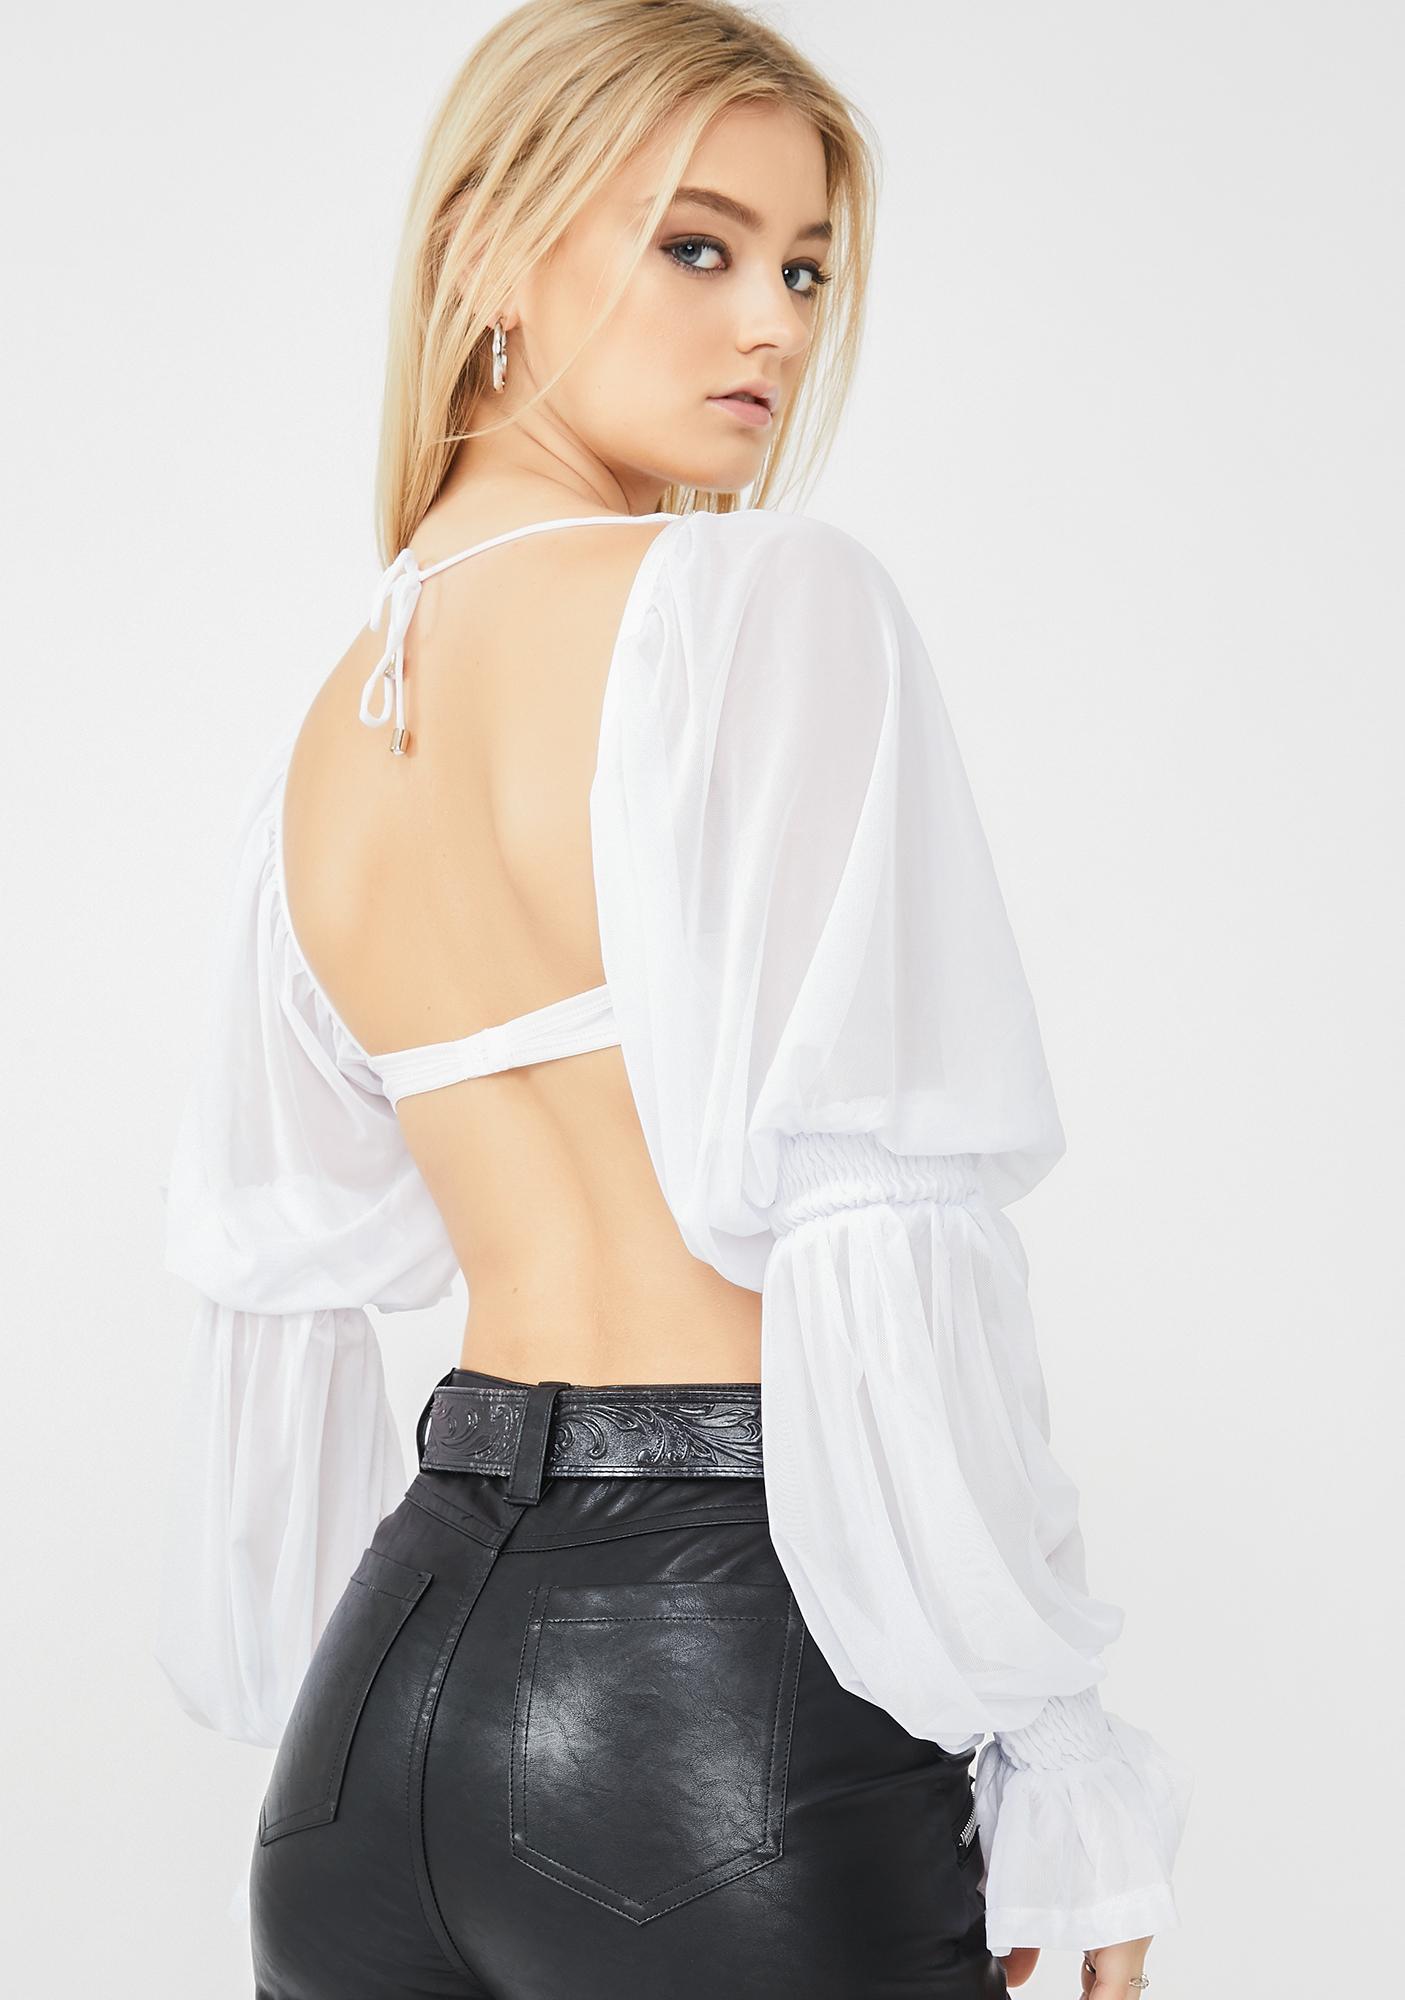 ZYA Lolita Top